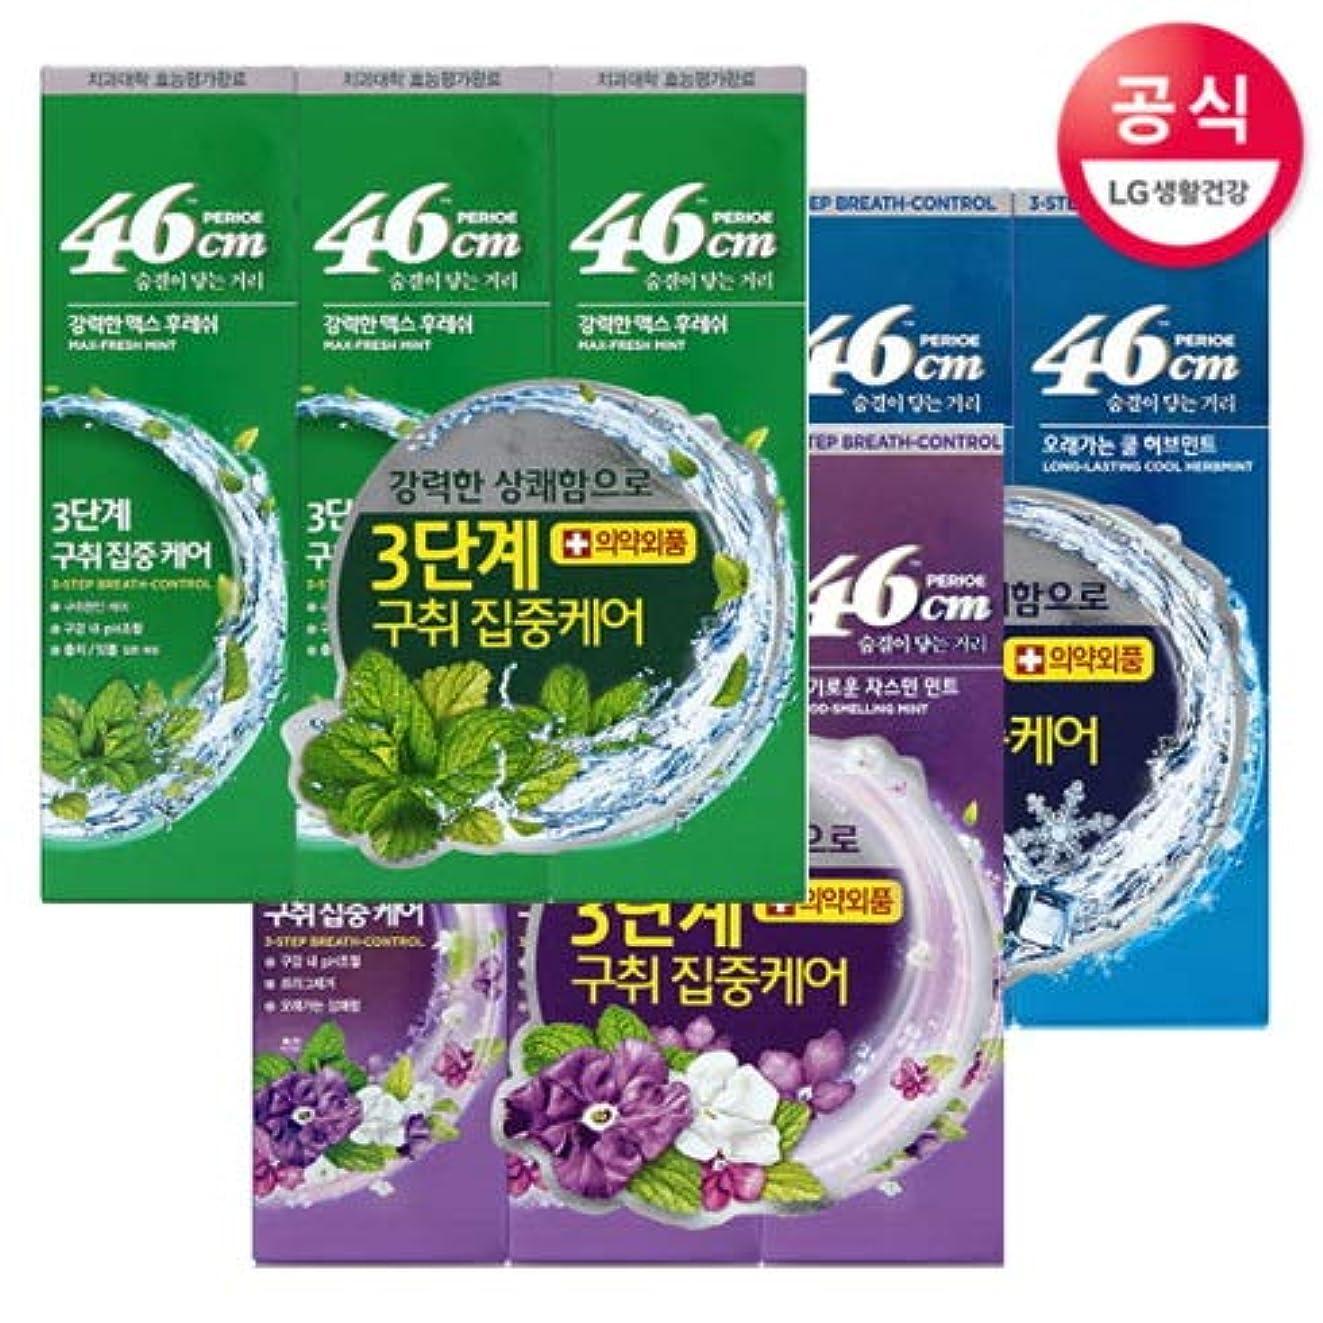 中古干ばつスポーツ[LG HnB] Perio 46cm toothpaste /ペリオ46cm歯磨き粉 100gx9個(海外直送品)